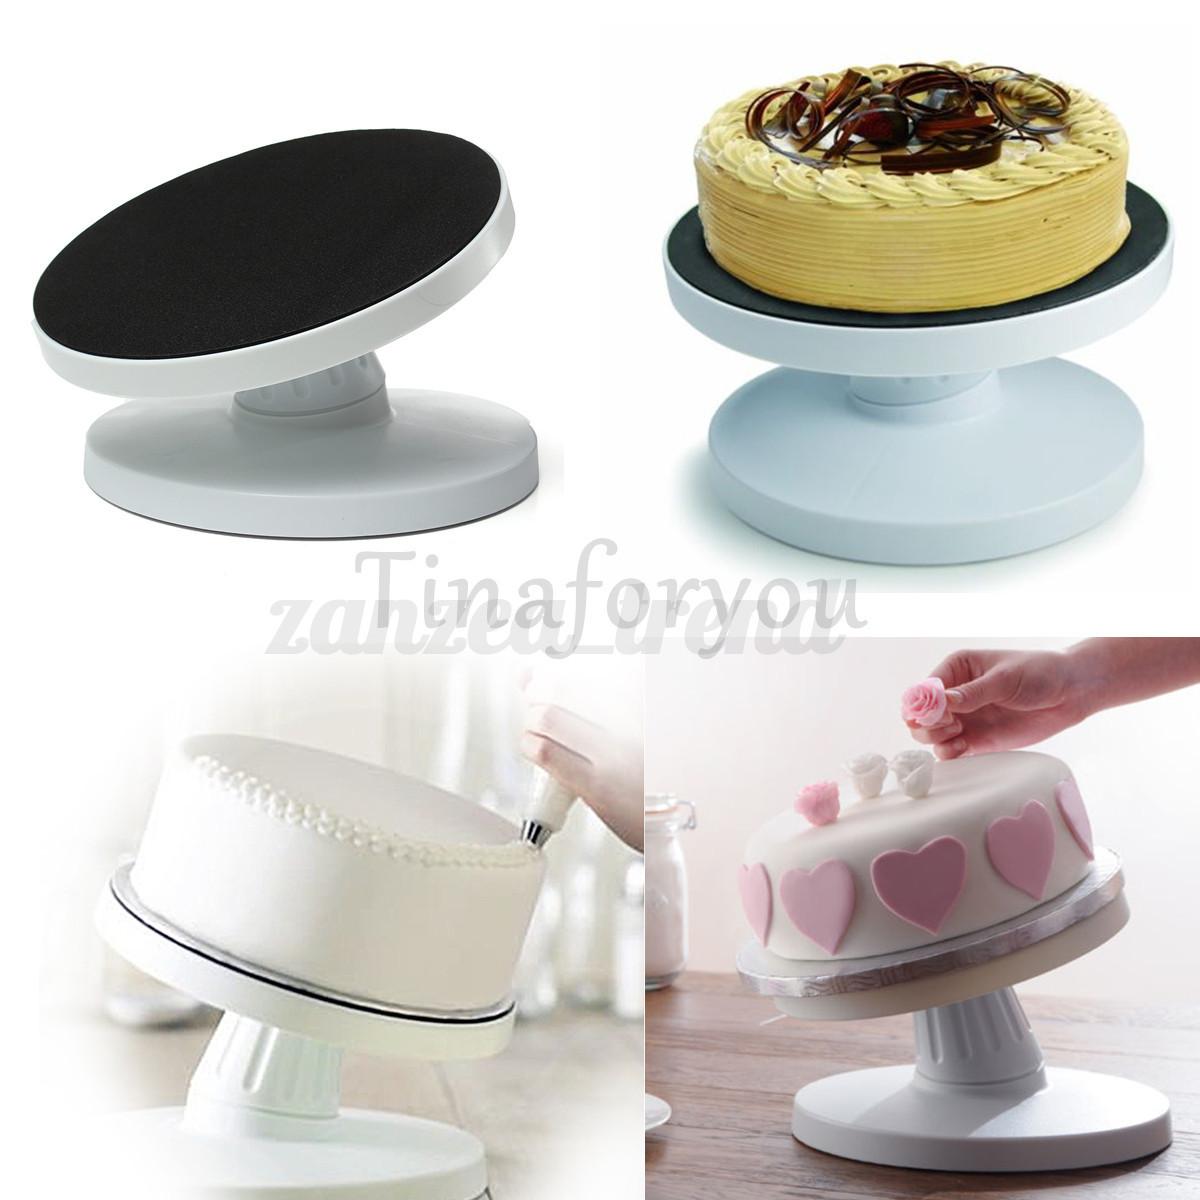 Torstenst nder kuchen drehteller kuchenplatte tortenplatte - Ebay kuchen ...